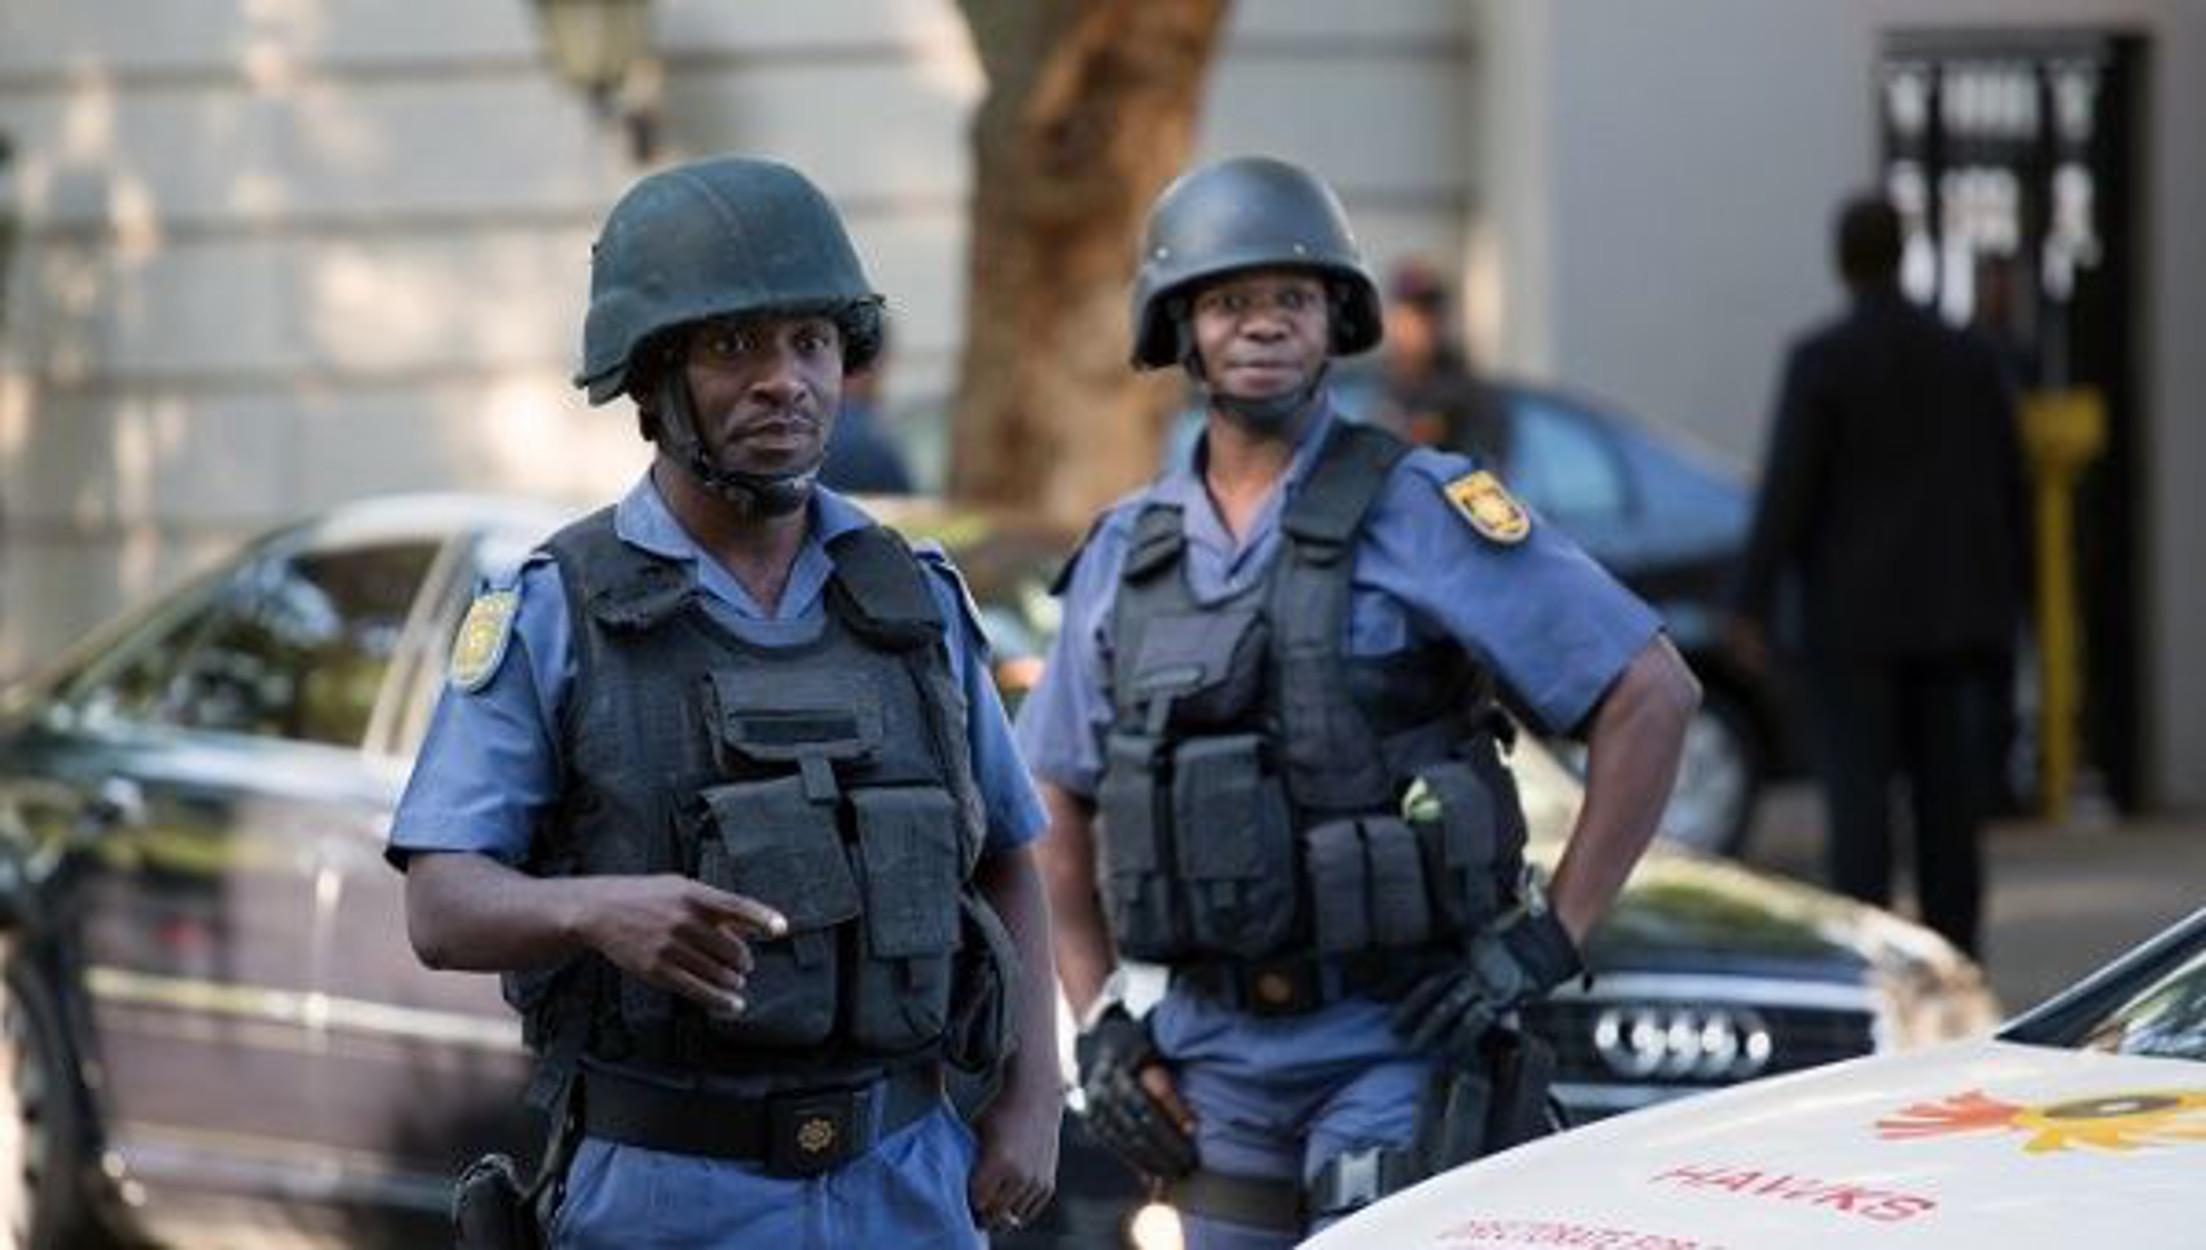 Νότια Αφρική: 10 νεκροί από τις ρατσιστικές επιθέσεις